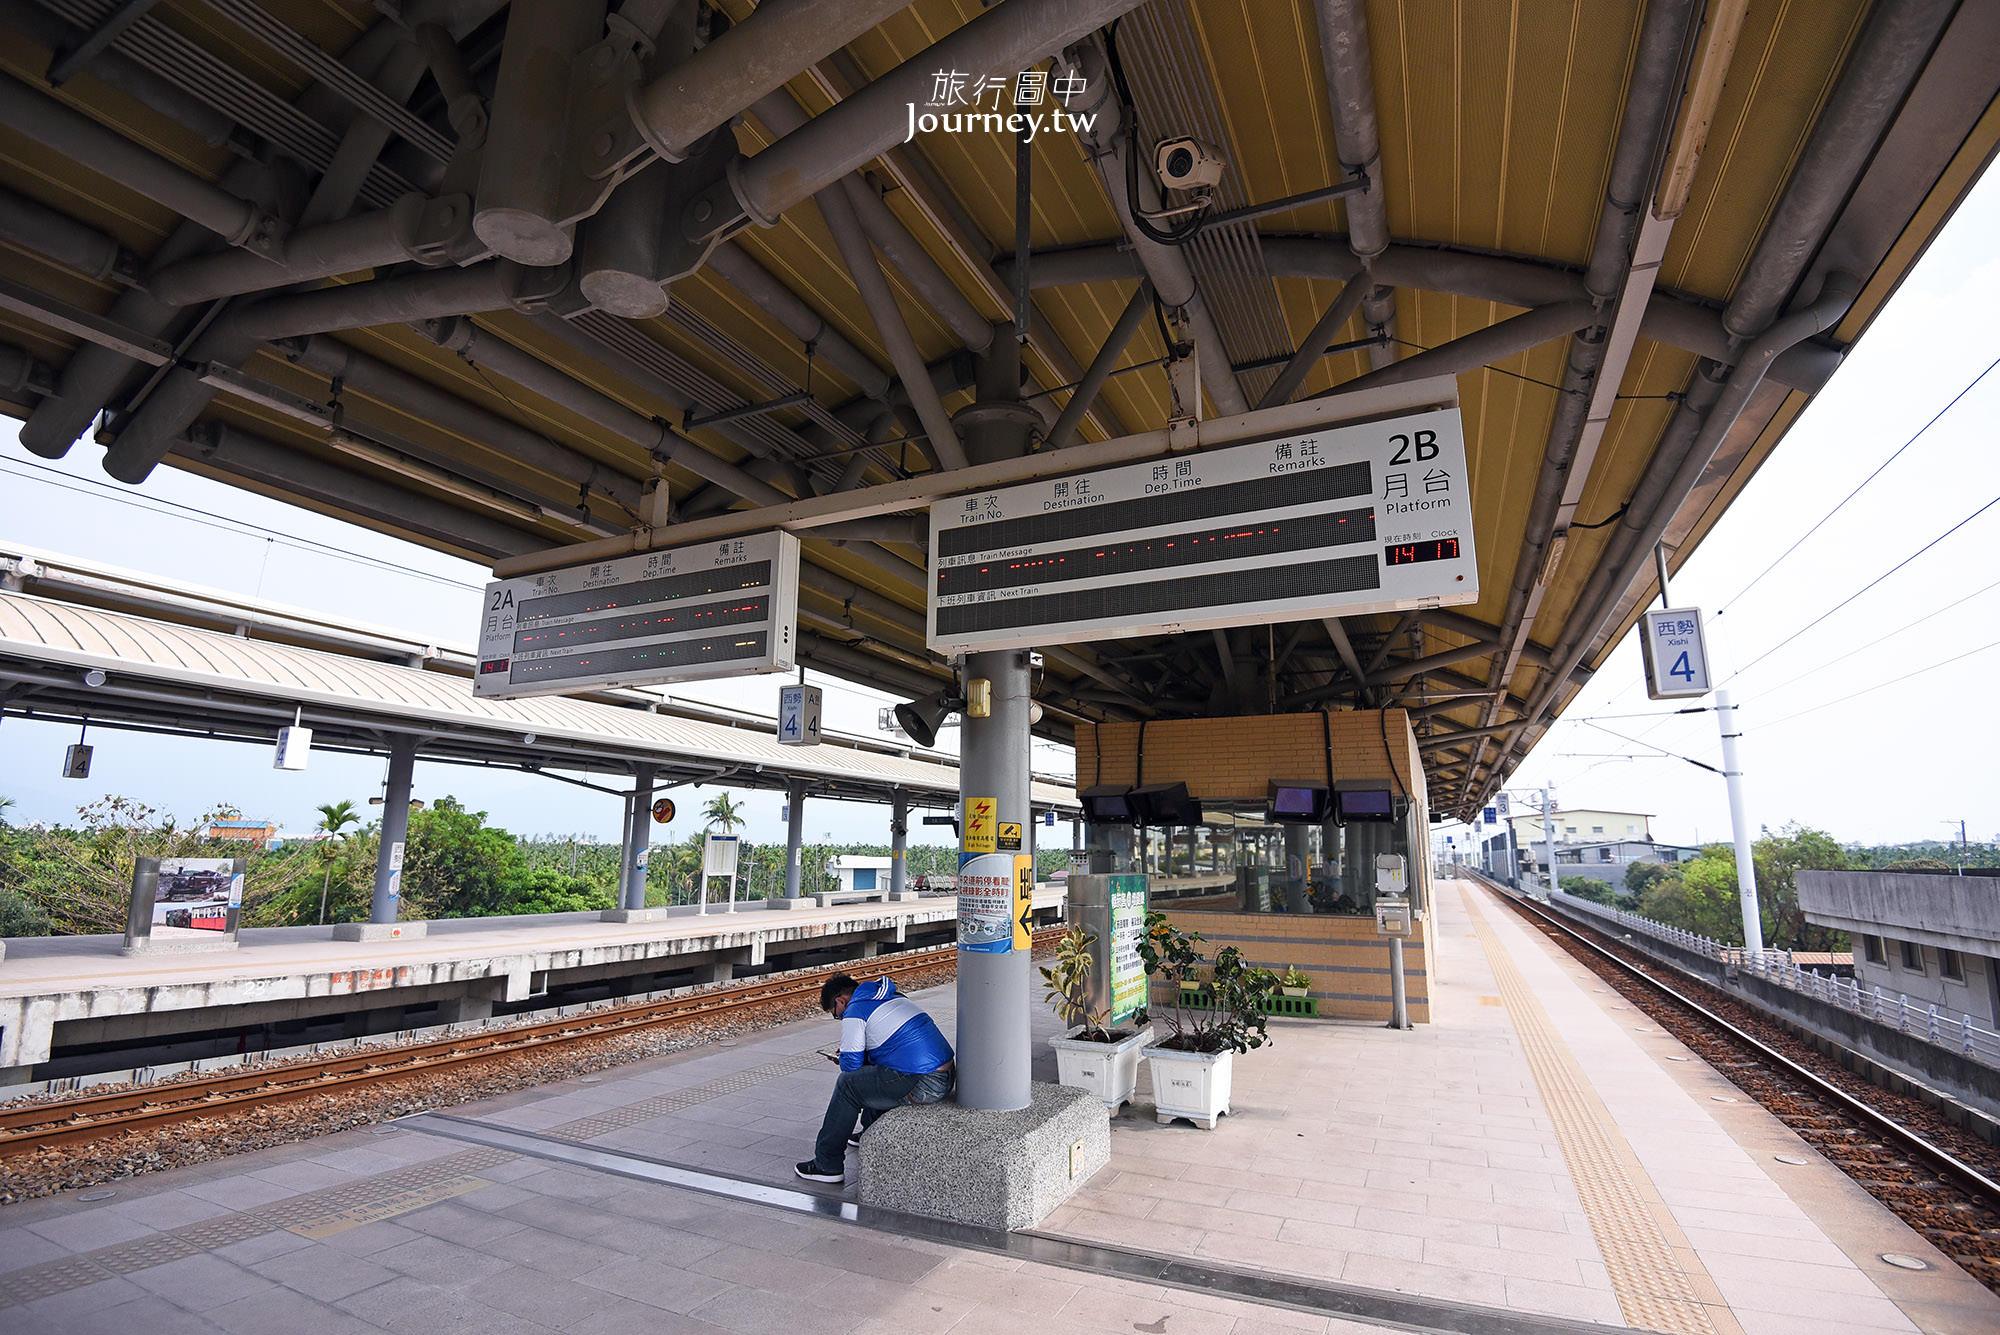 屏東,竹田,西勢車站,原來有這站,屏東線